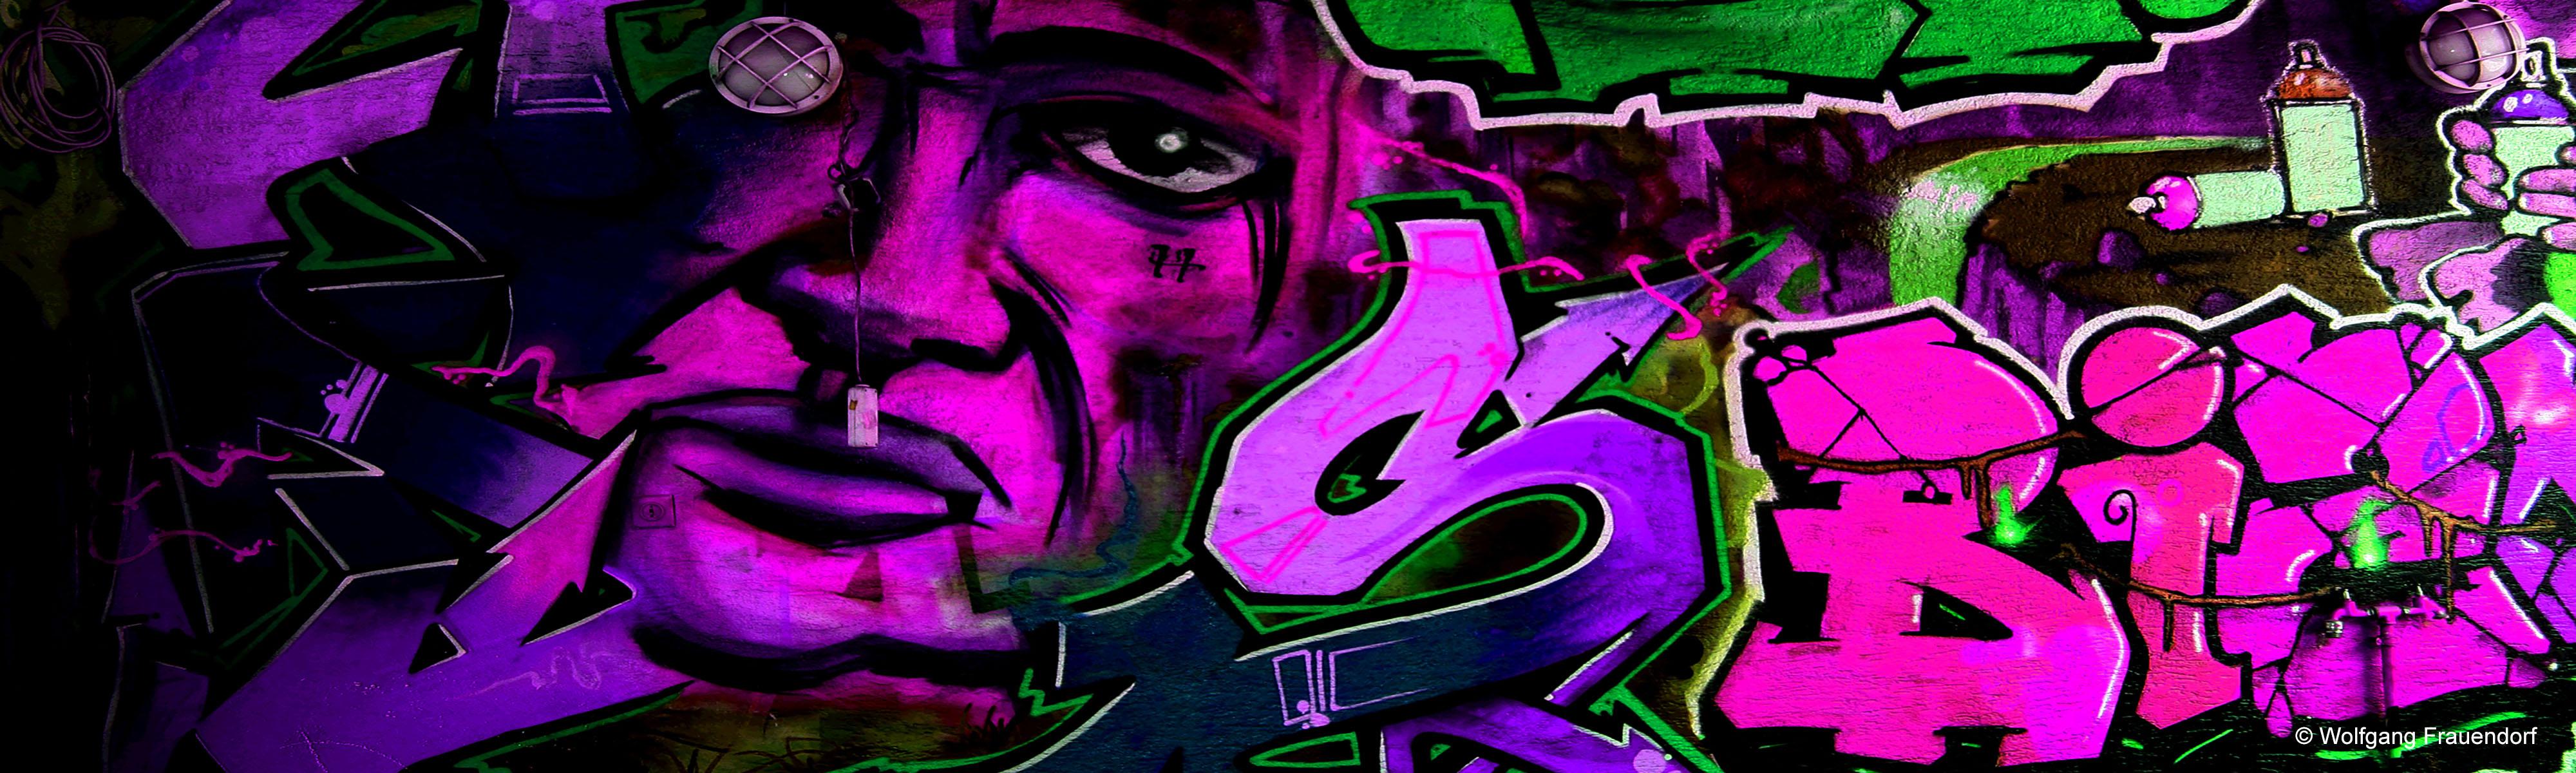 Mauerwerk Kunst Grafiti